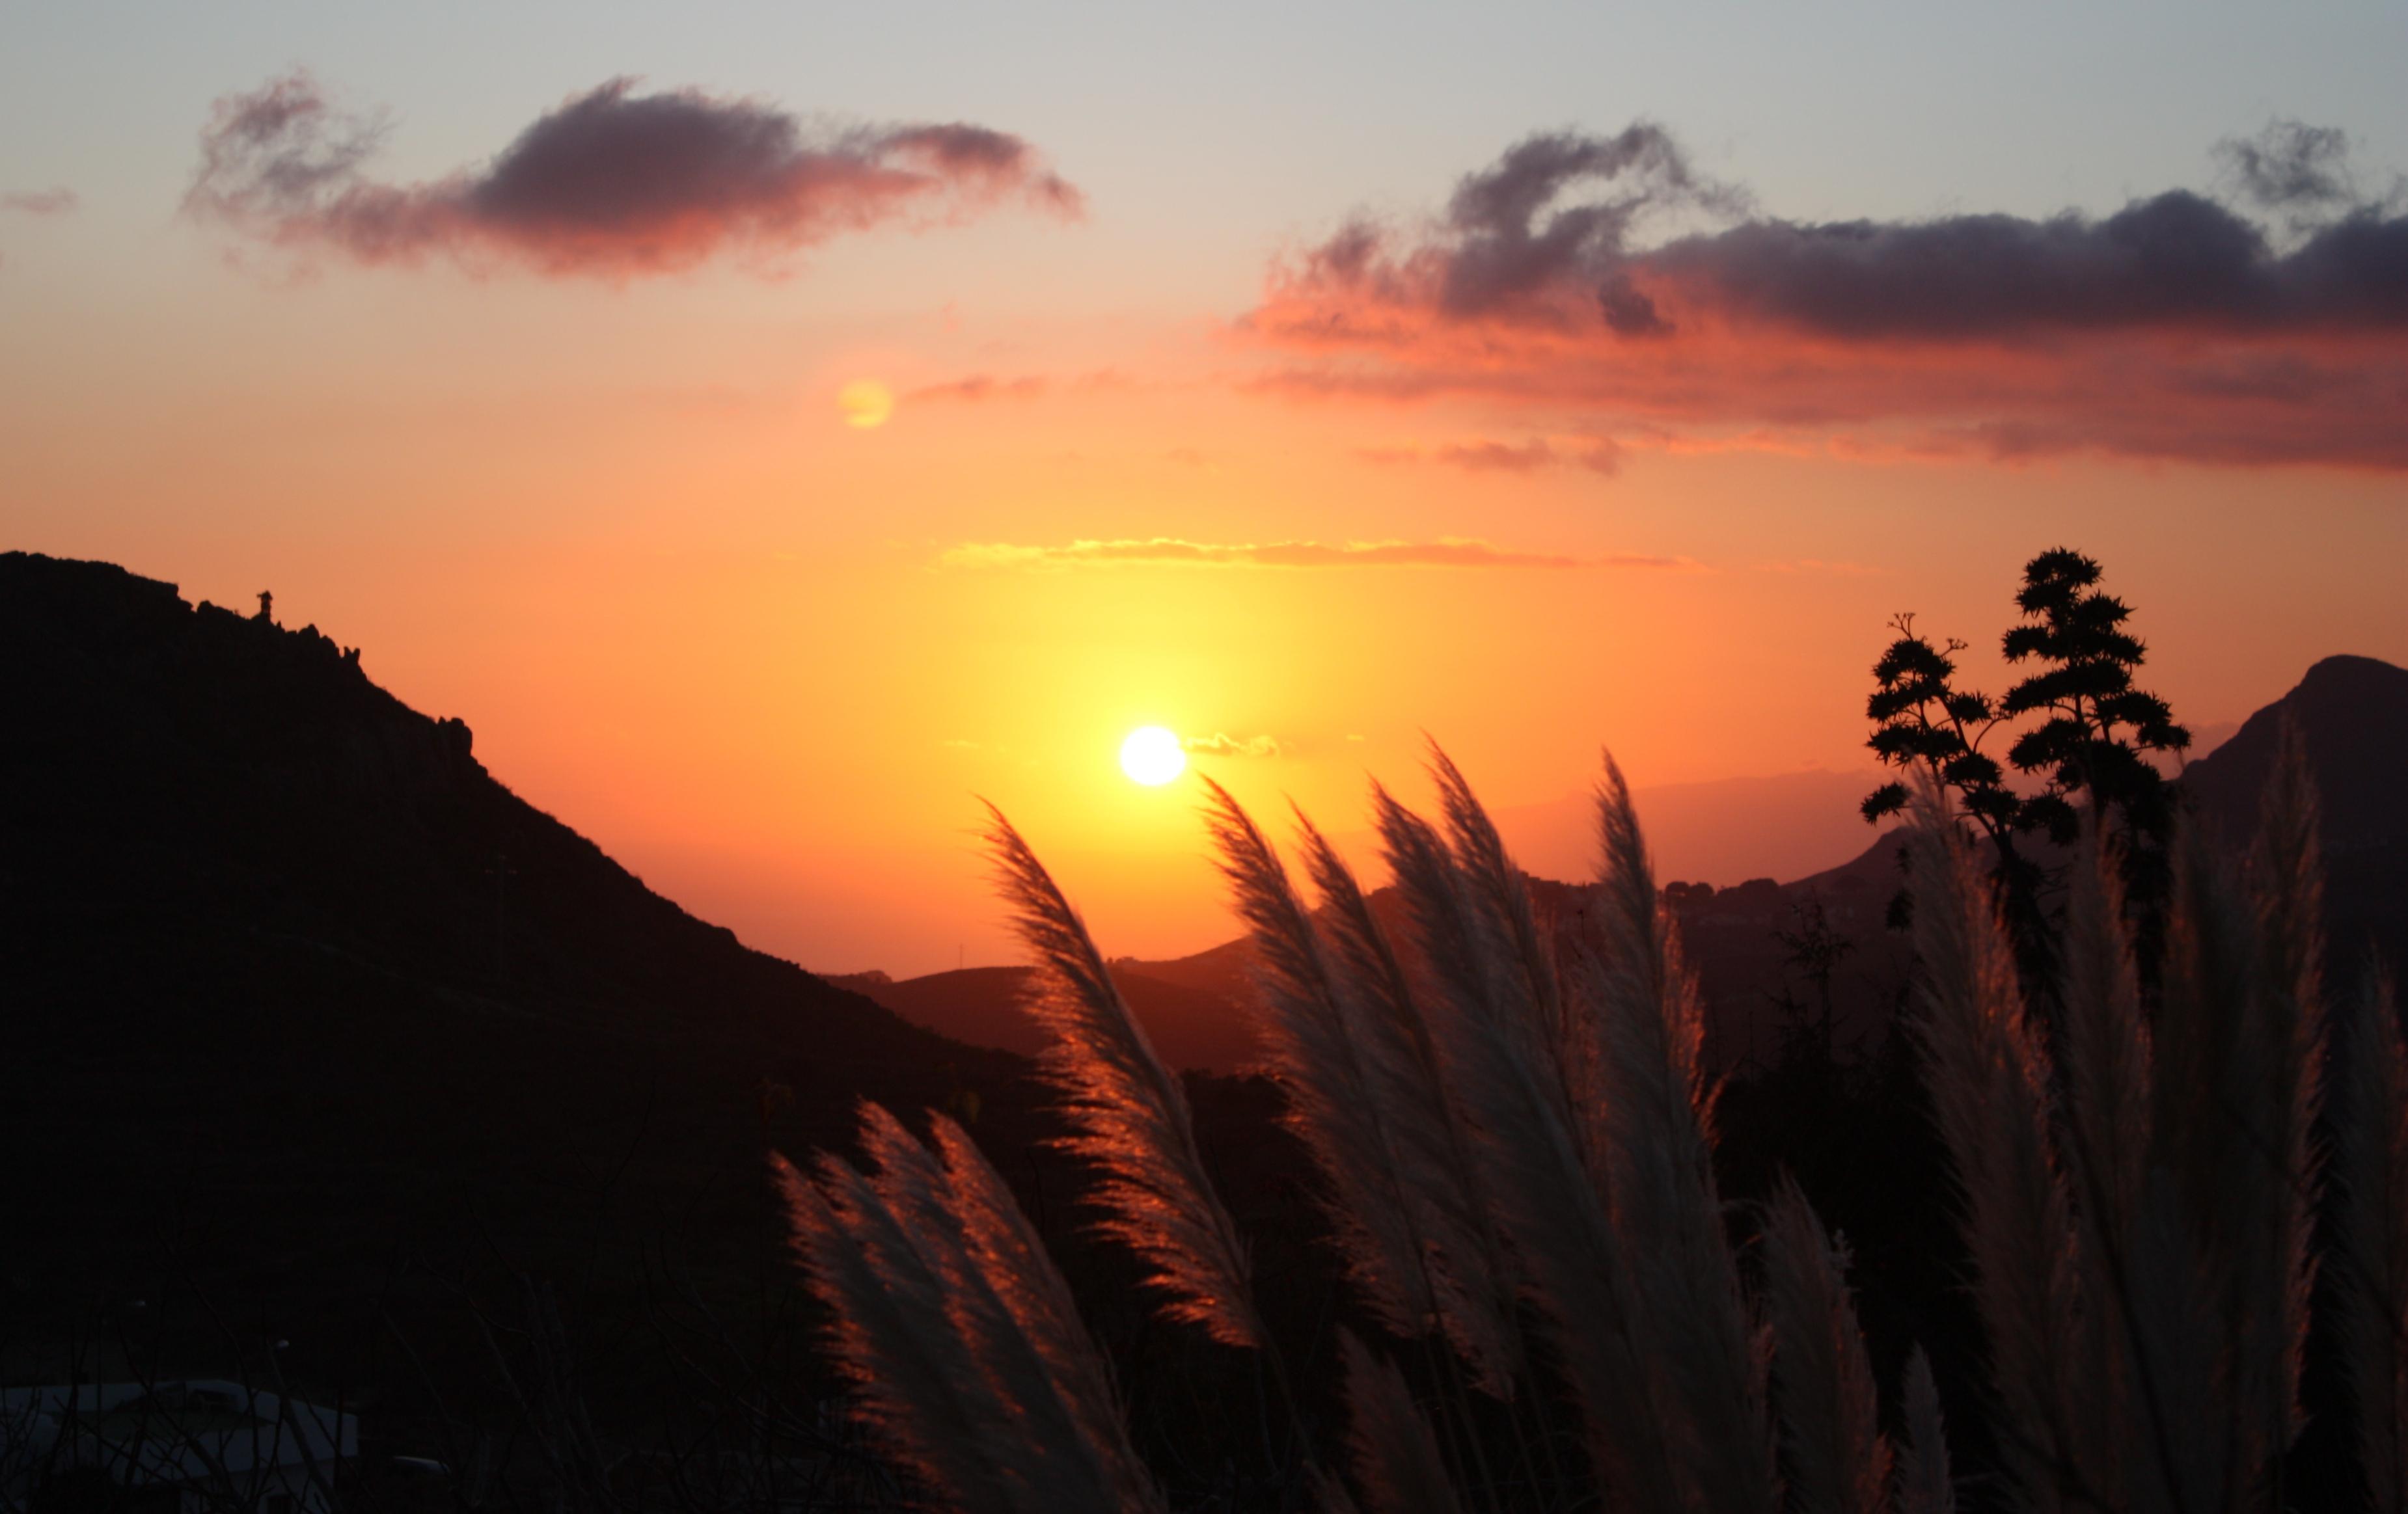 El sol llegando a La Gomera - The sun coming to La Gomera